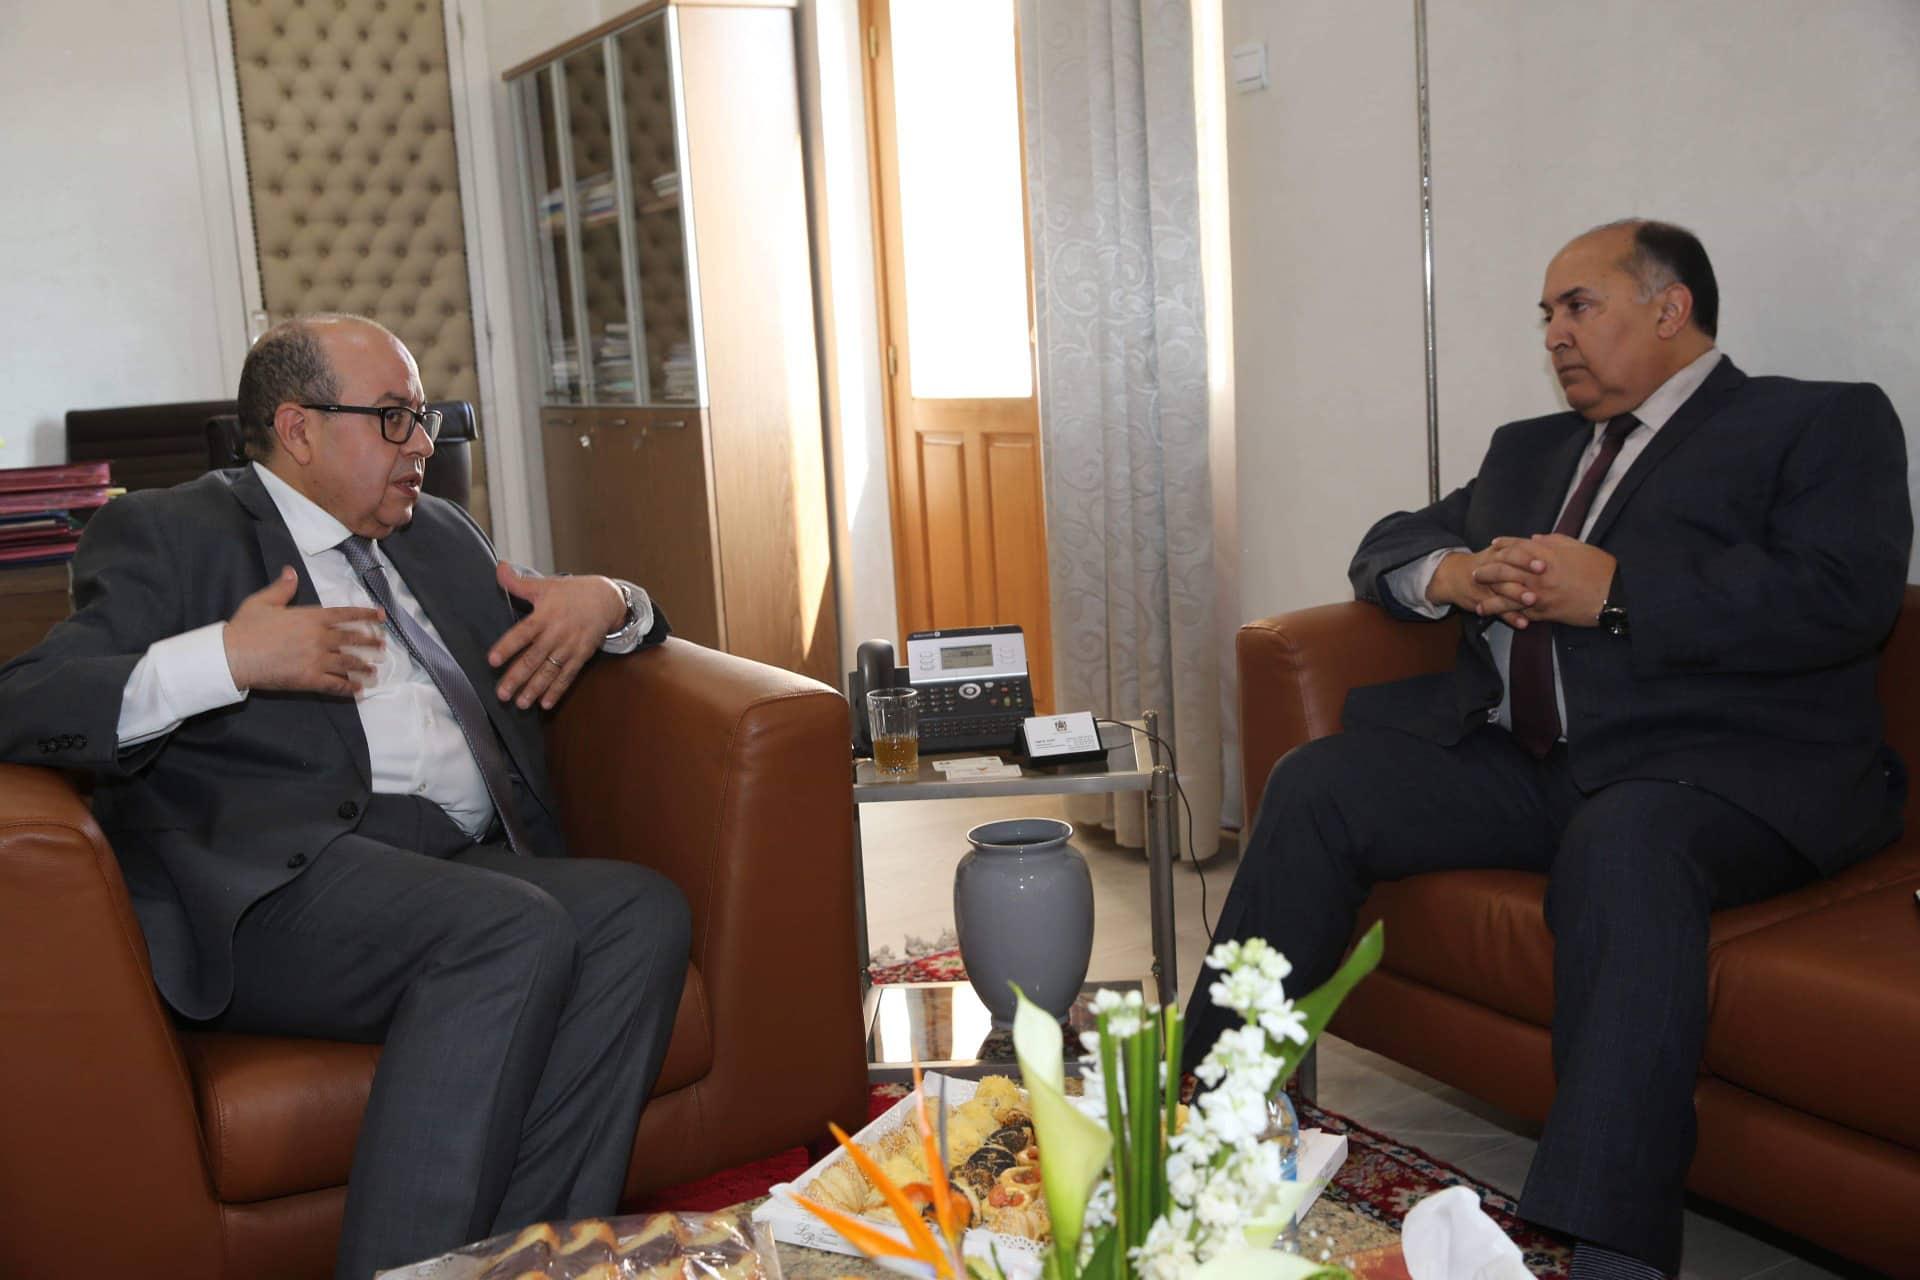 اجتماع رئيس ديوان مجلس النواب عبد الله الفضيل مع الأمين العام لاتحاد المغرب العربي الطيب البكوش